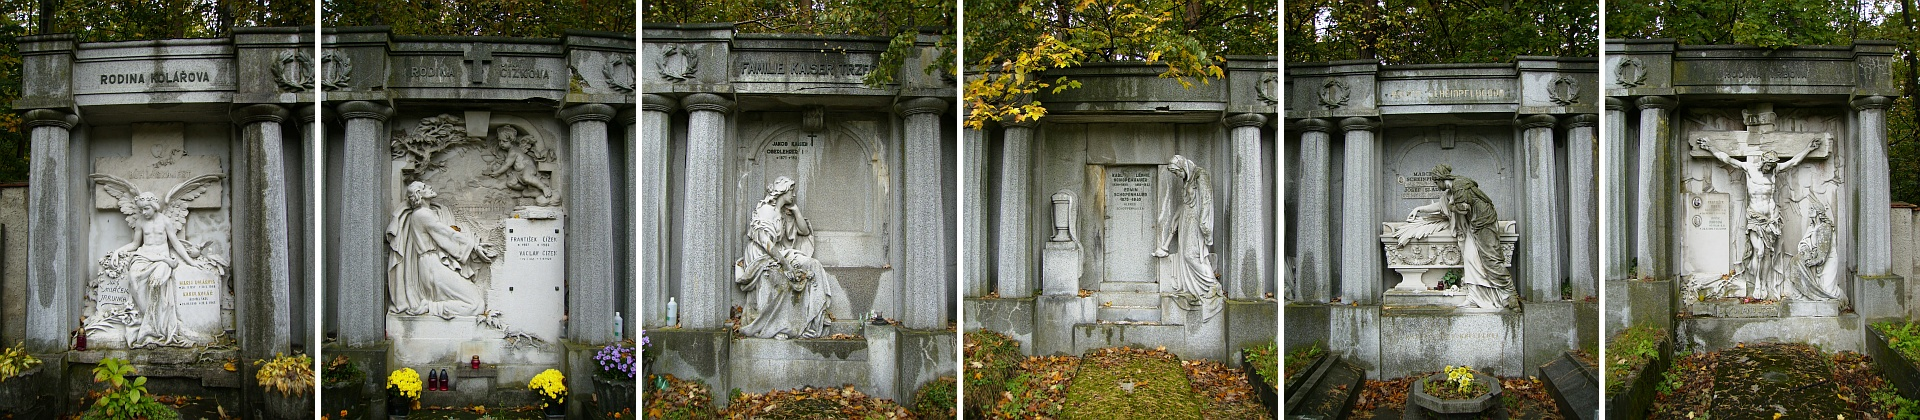 Schopenhauerovy náhrobky na dobrovodském hřbitově jsou unikátní památkou